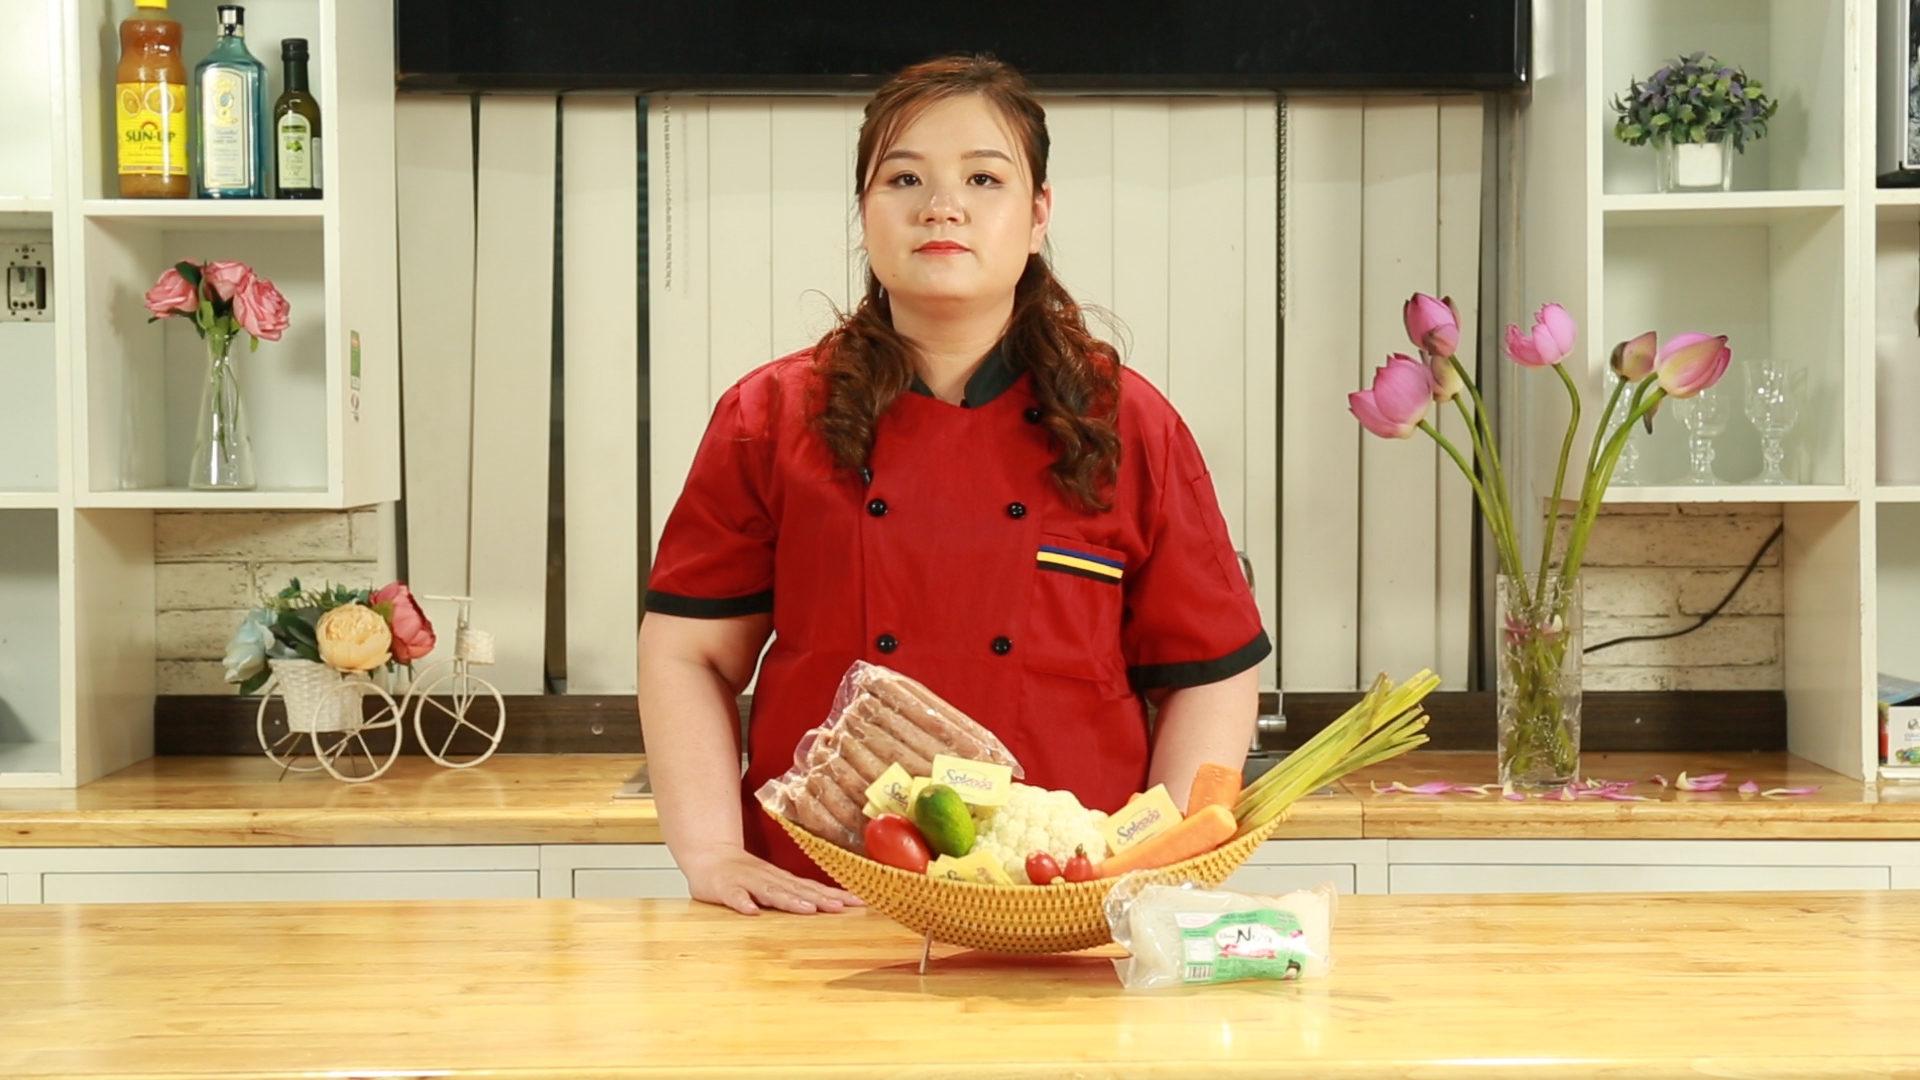 [EduVIP] Hướng dẫn nấu thực đơn ăn kiêng low carb ngon nhất